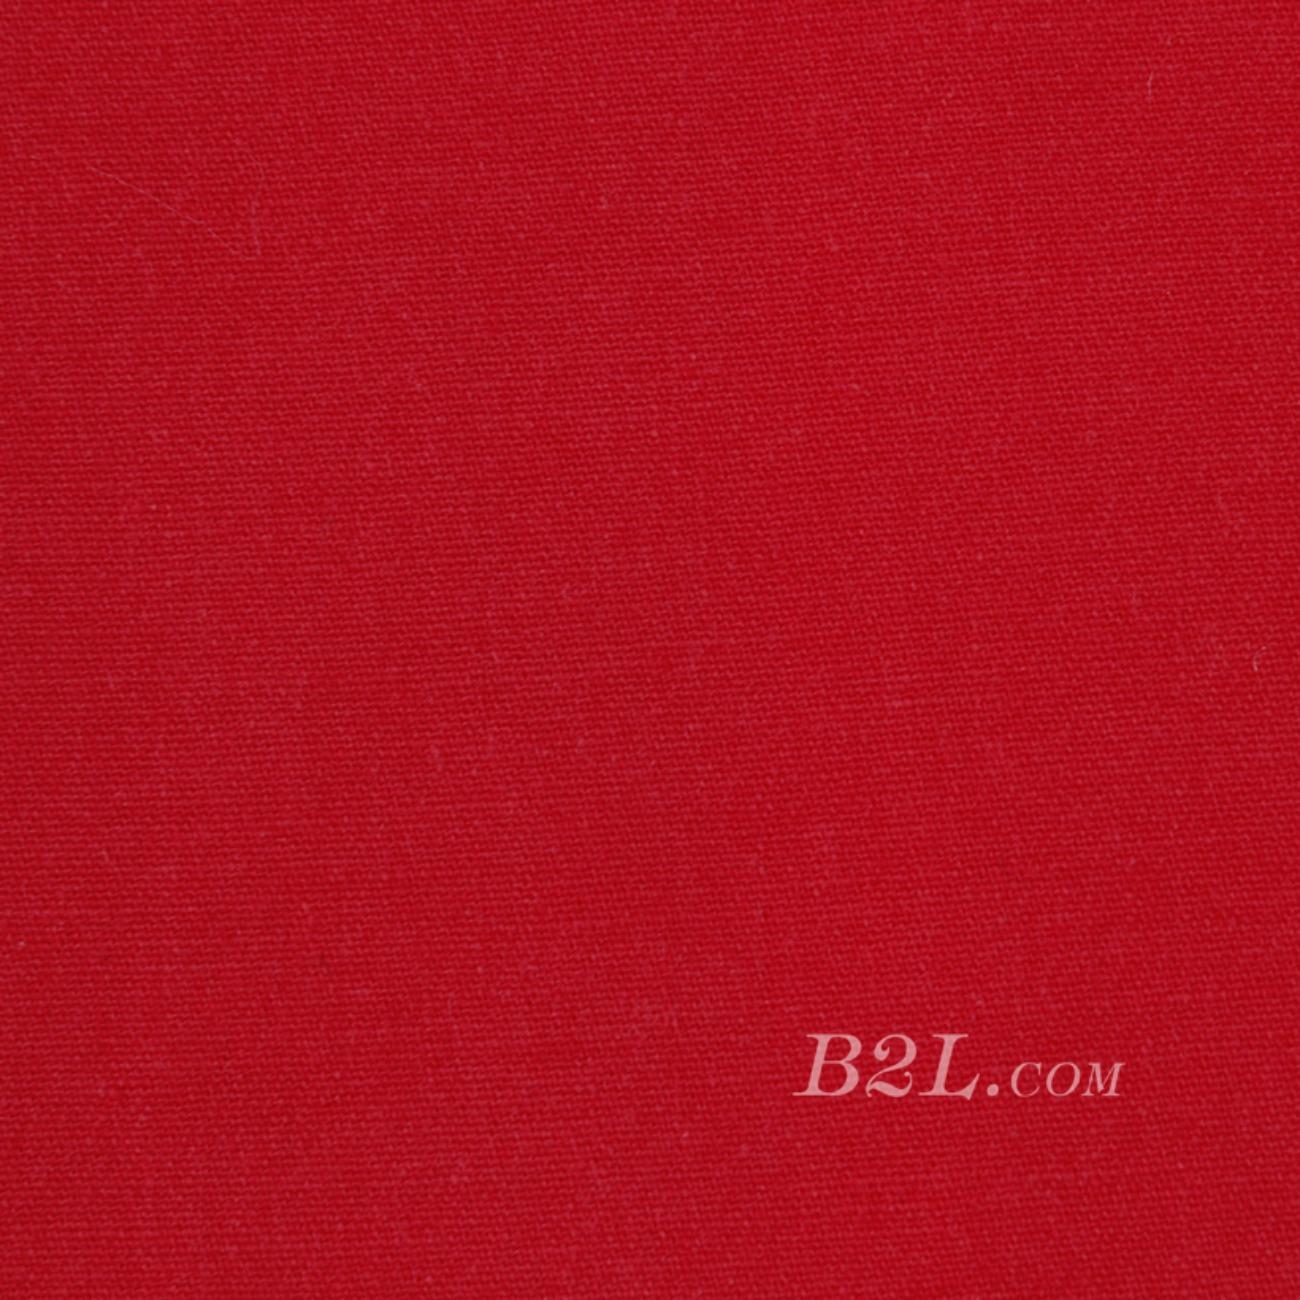 素色 梭织 染色 无弹 连衣裙 衬衫 柔软 细腻 女装 春夏 71116-48